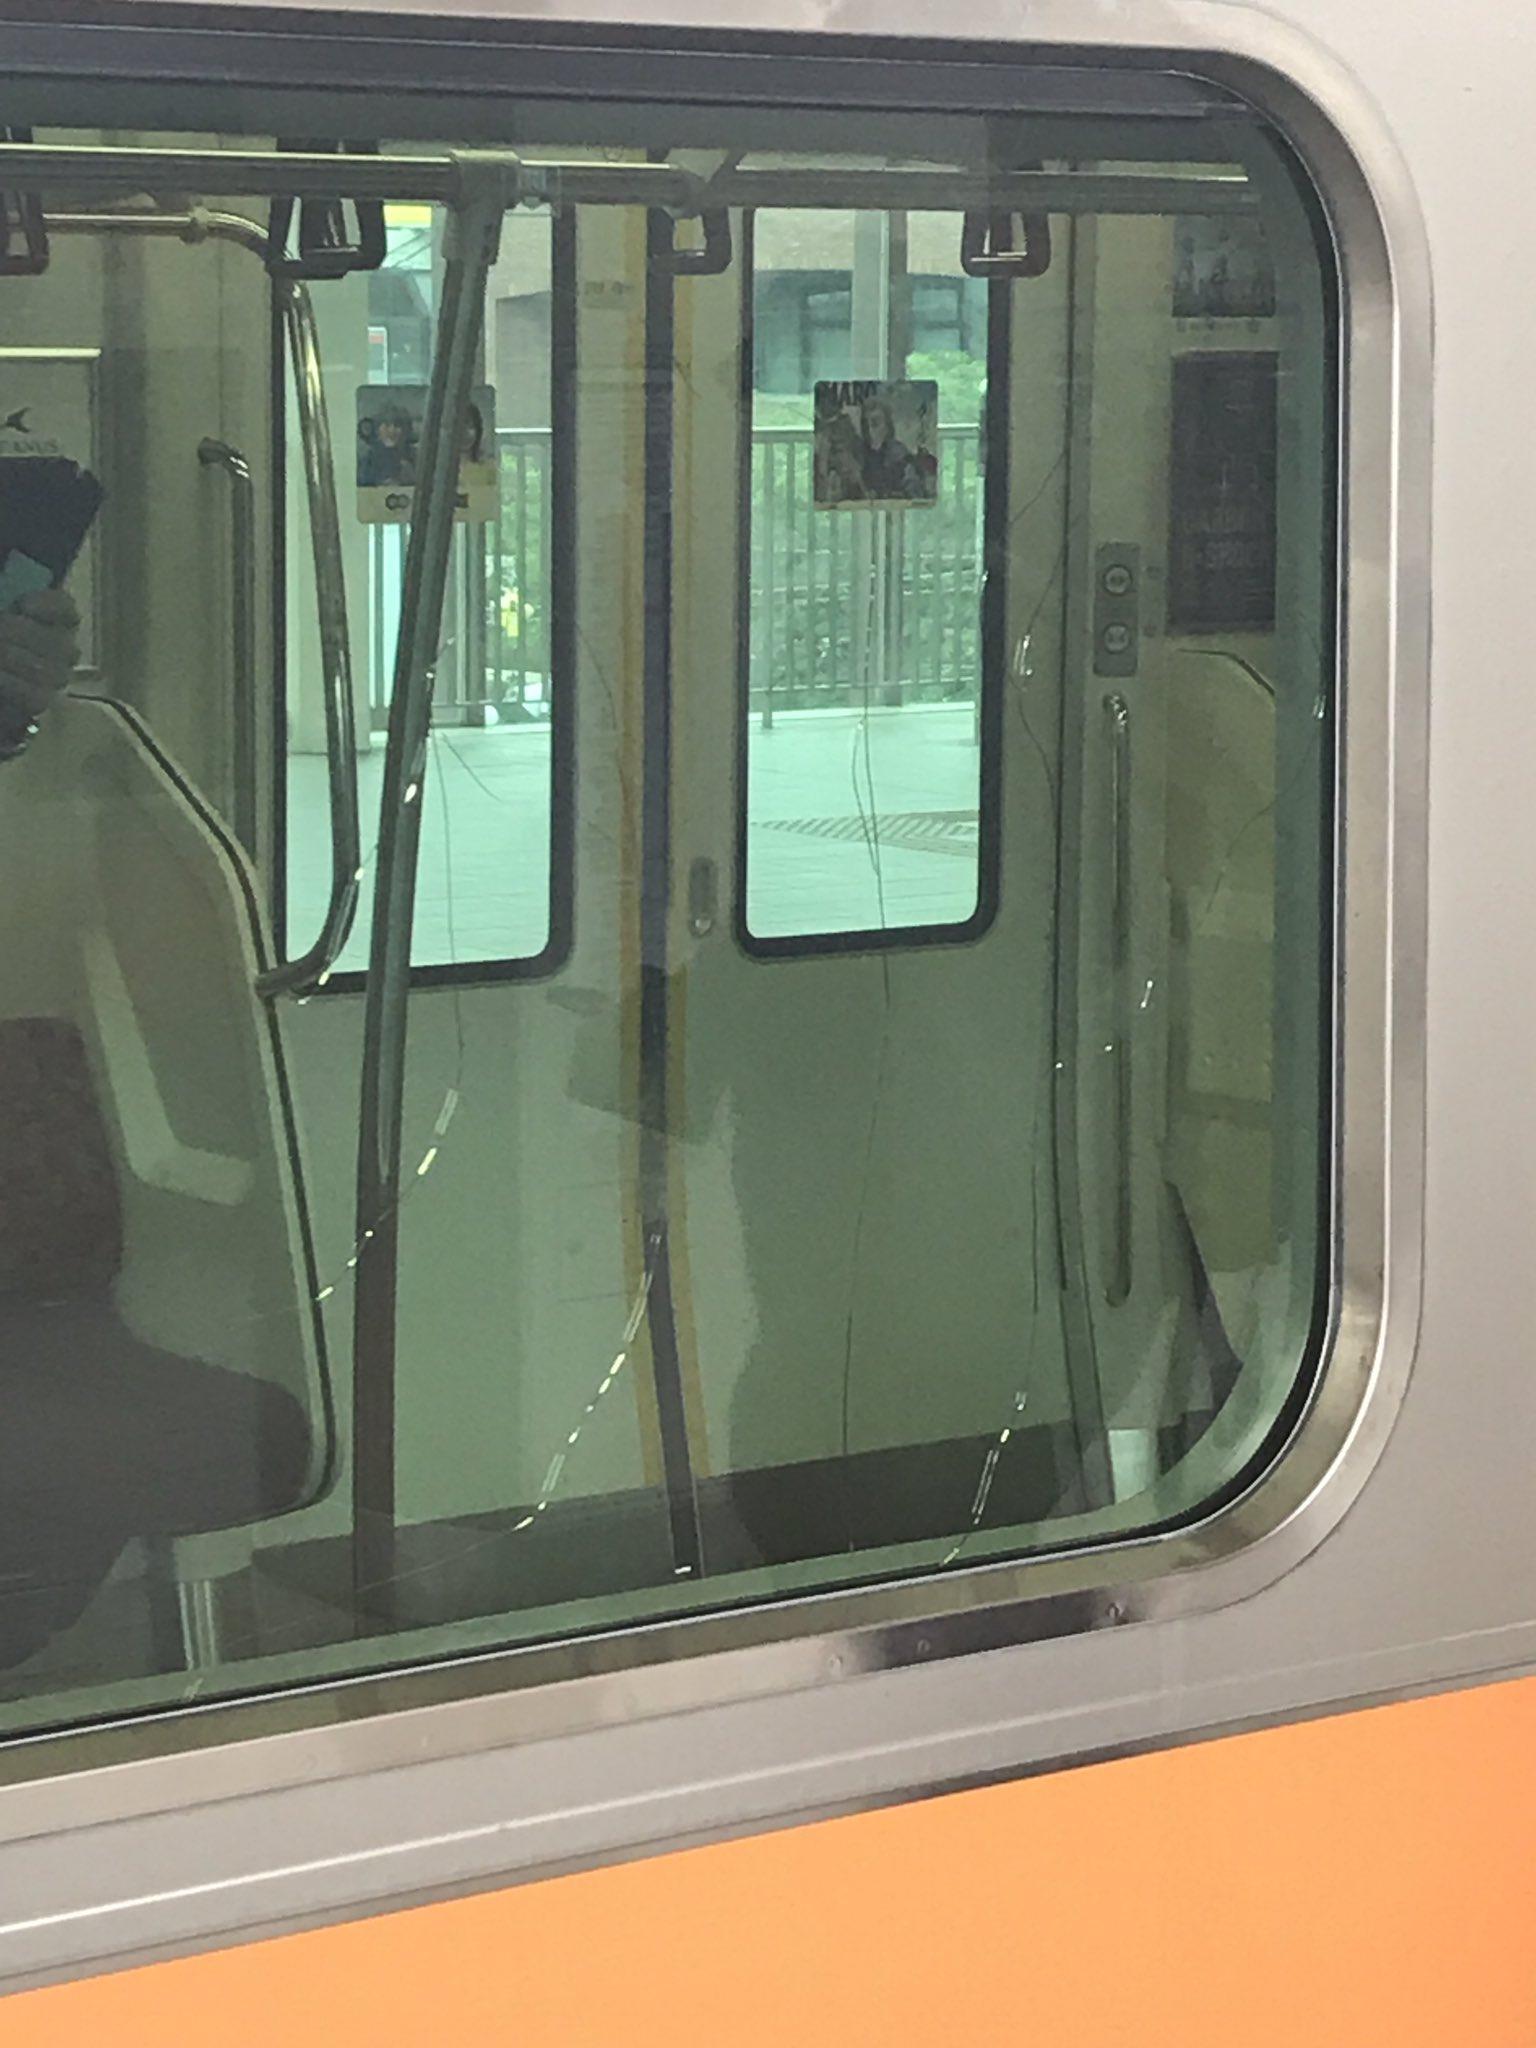 画像,国立にて電車の窓ガラスにヒビ https://t.co/0ox2u1omTe。